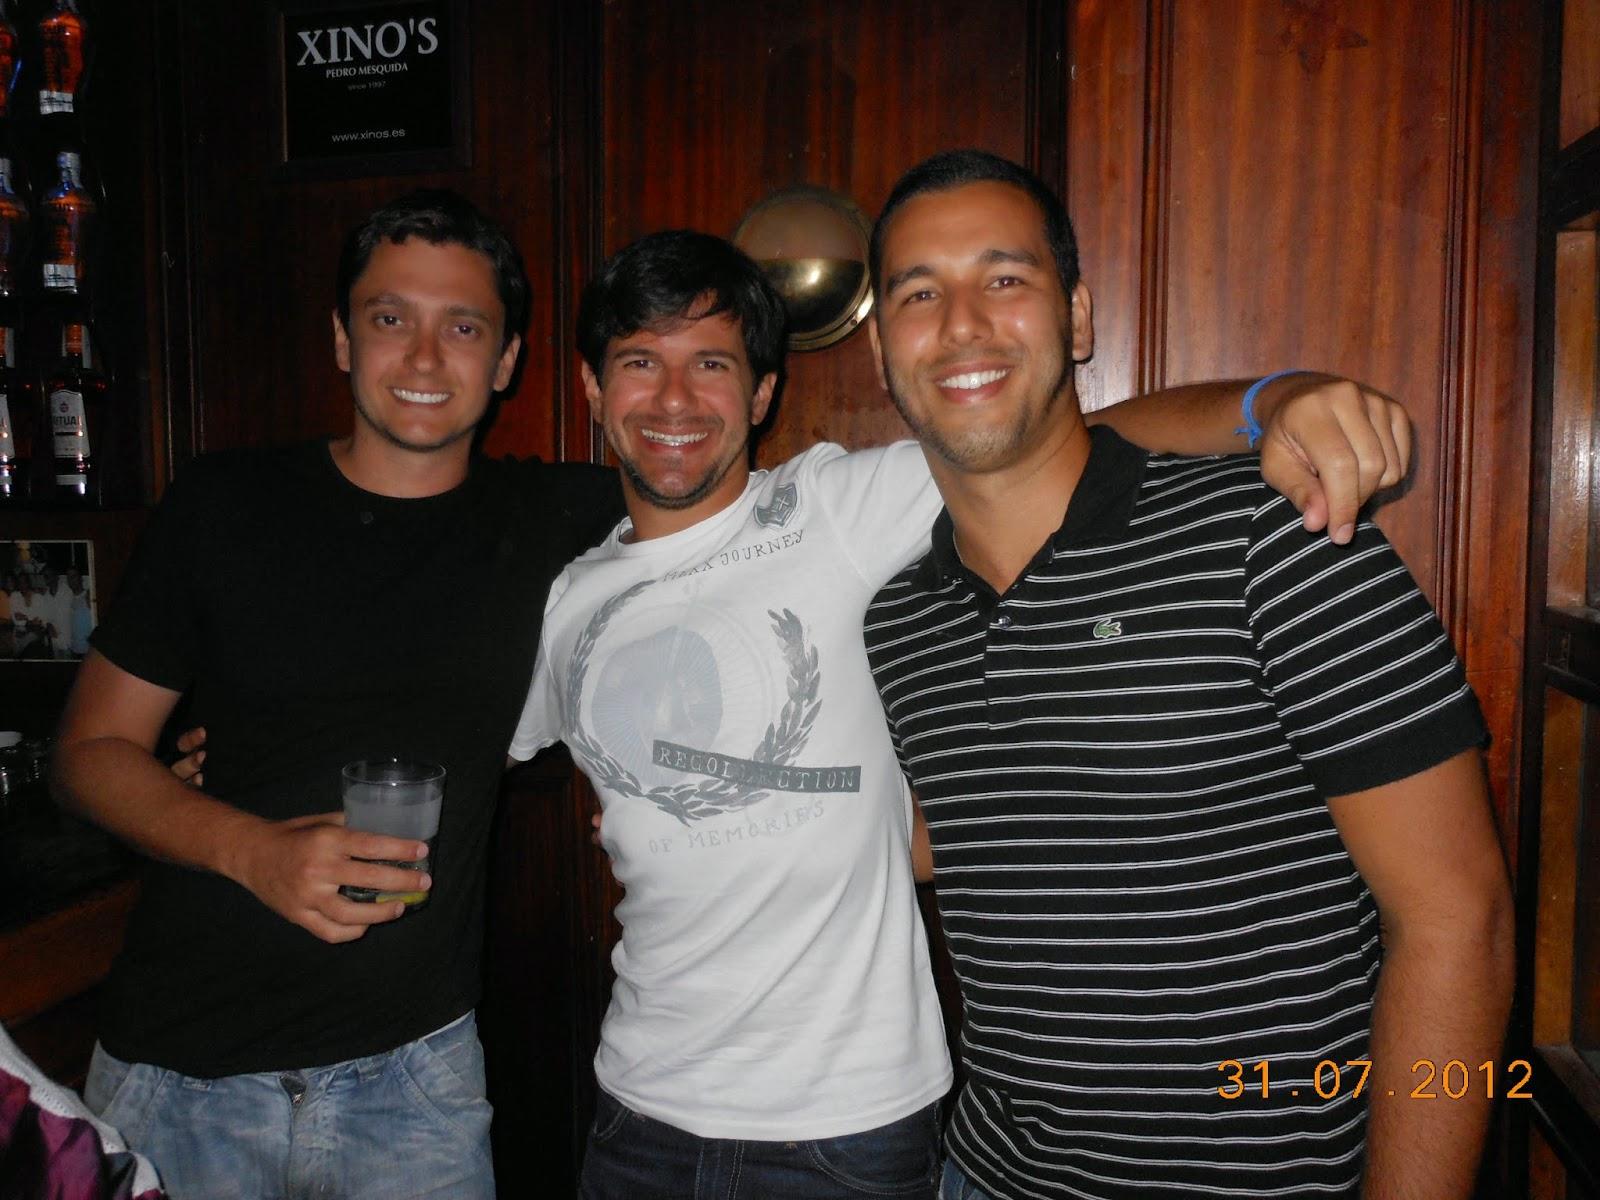 Em um dos bares depois de beber de graça - Palma de Maiorca - Praia - Espanha